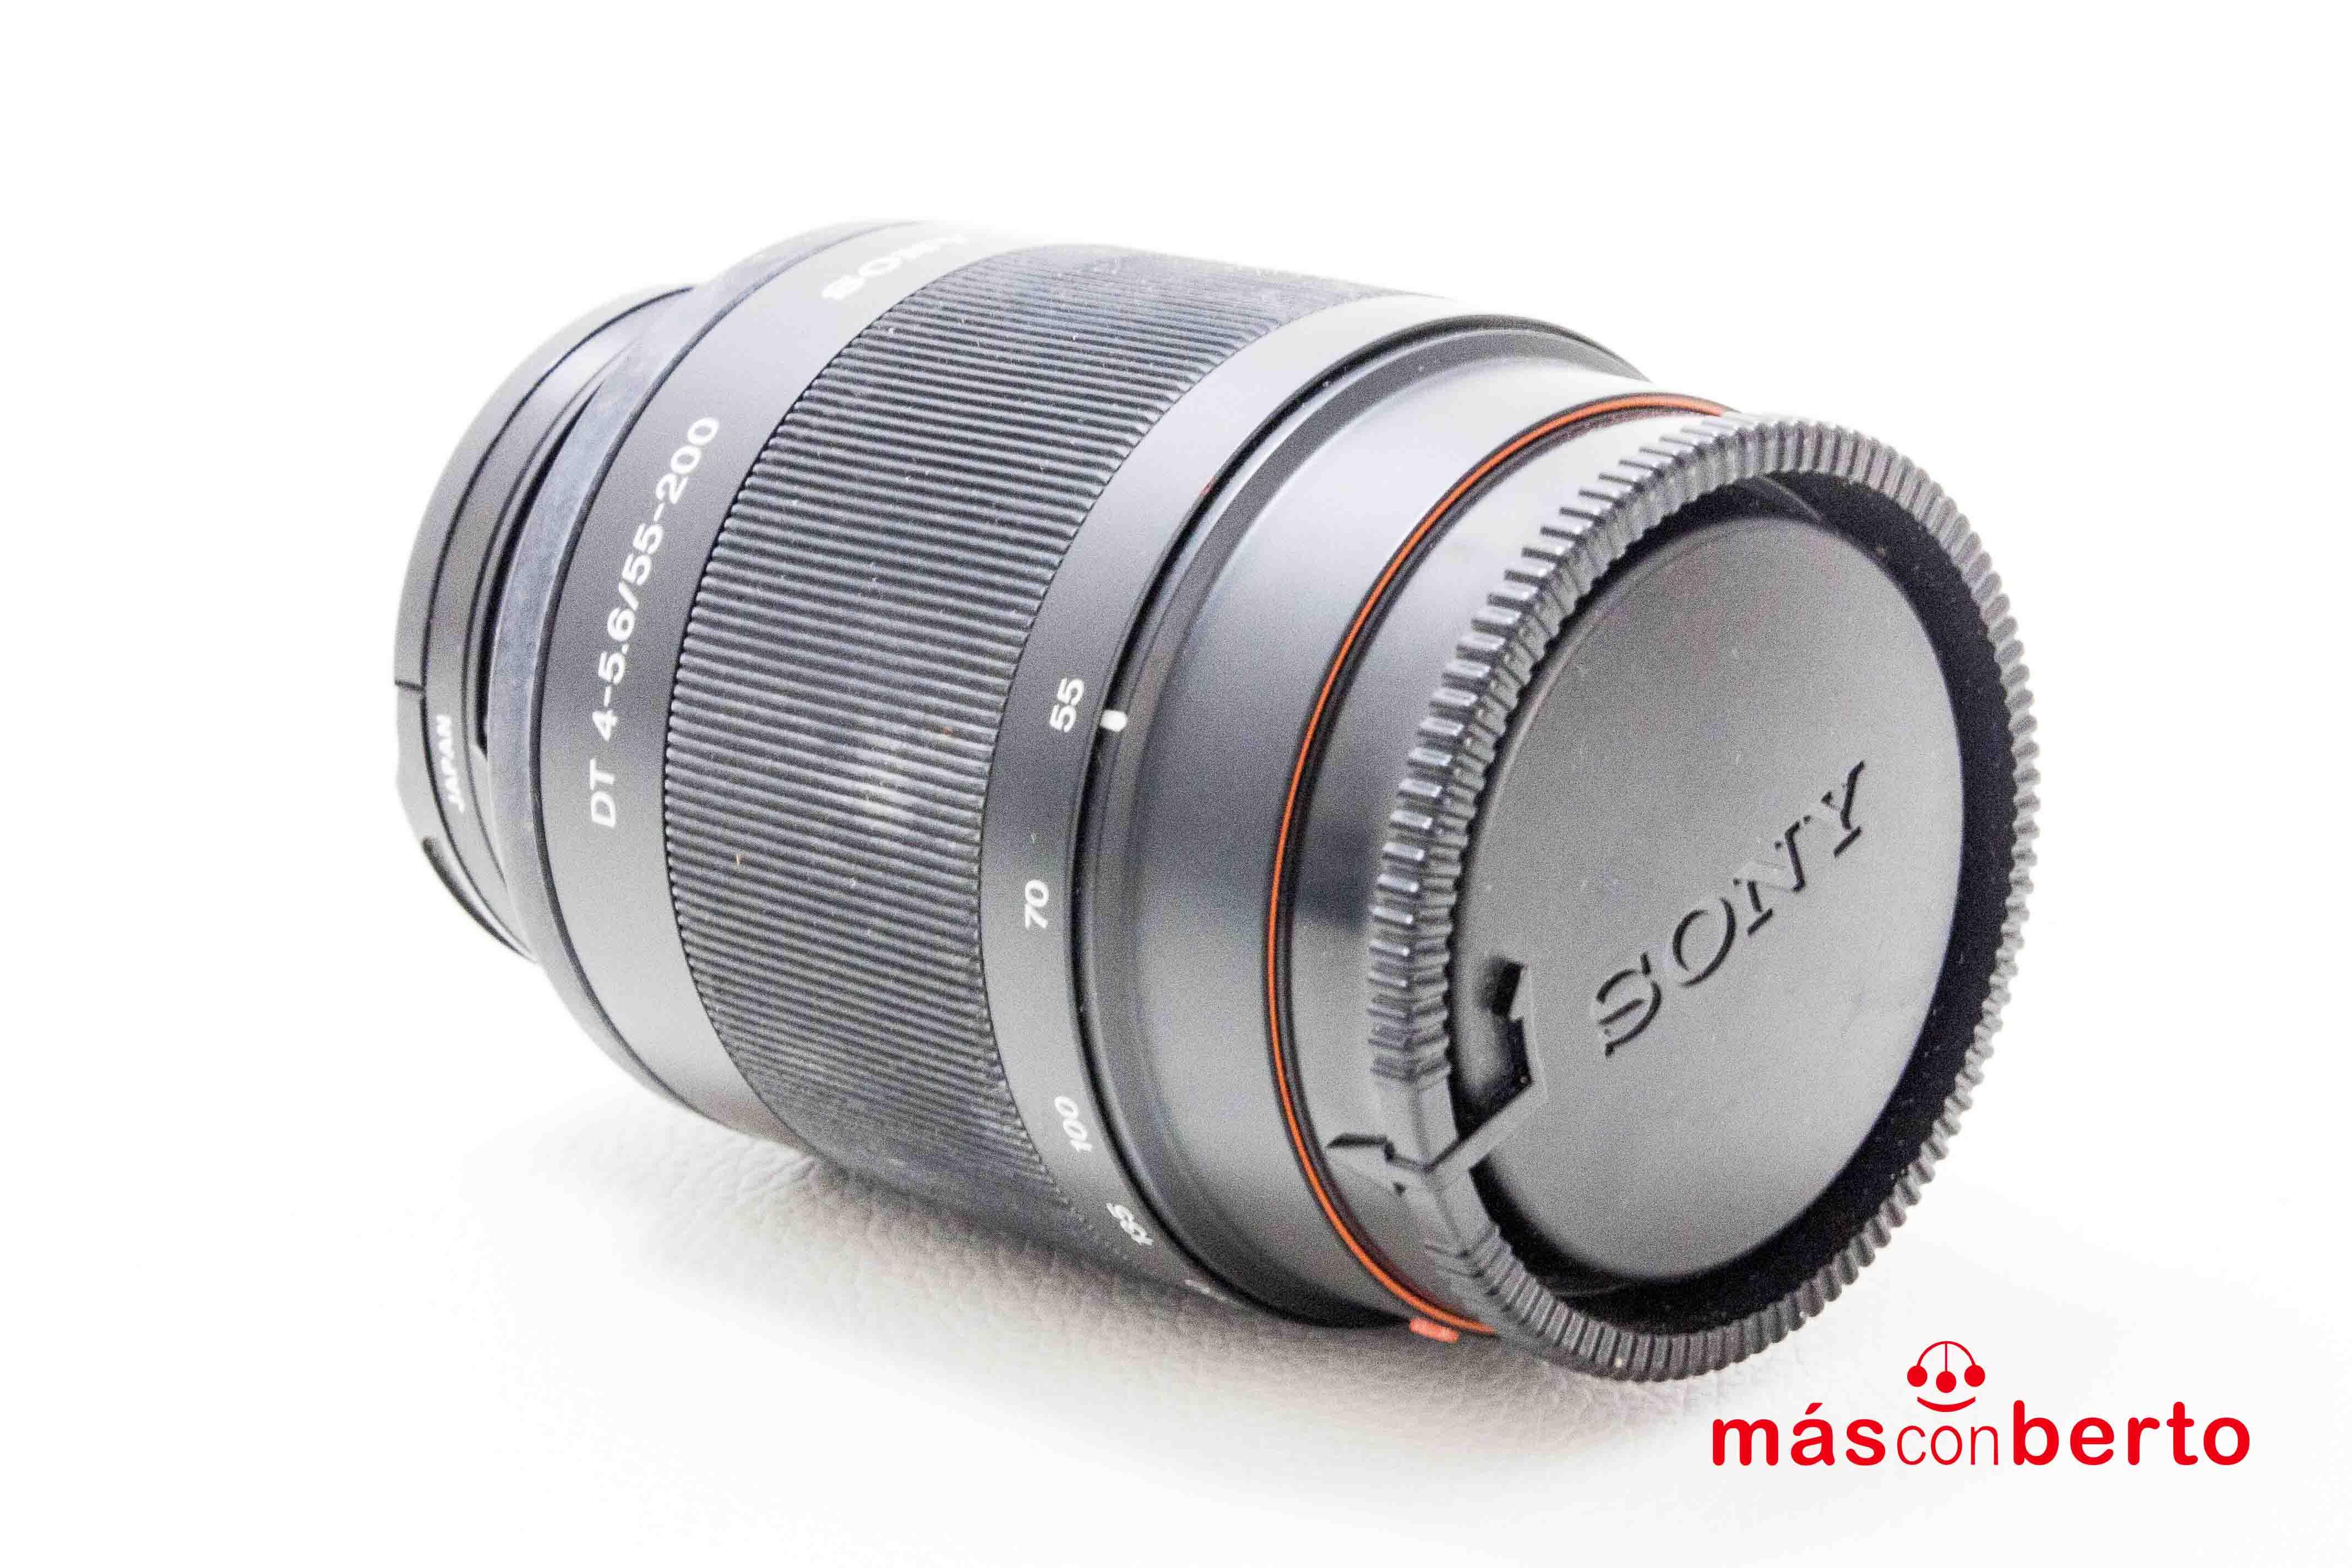 Objetivo Sony DT 55-200